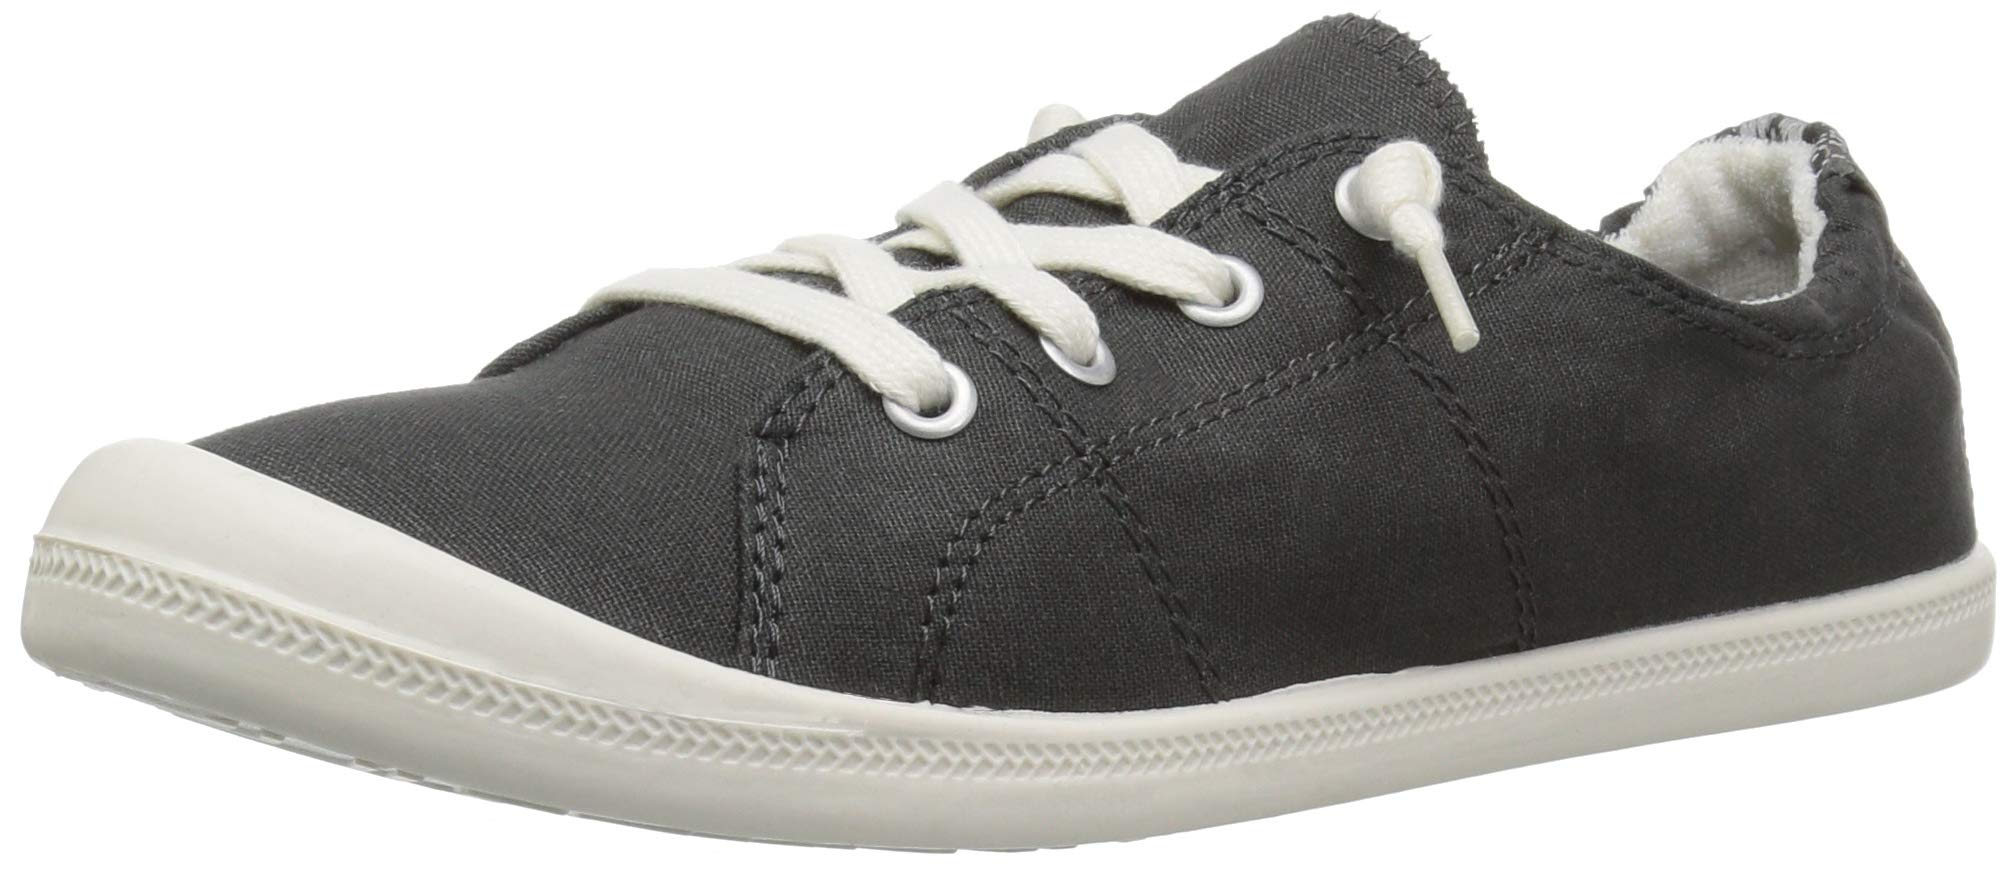 Madden Girl Women's Baailey Sneaker, Dark Grey Canvas, 7.5 M US